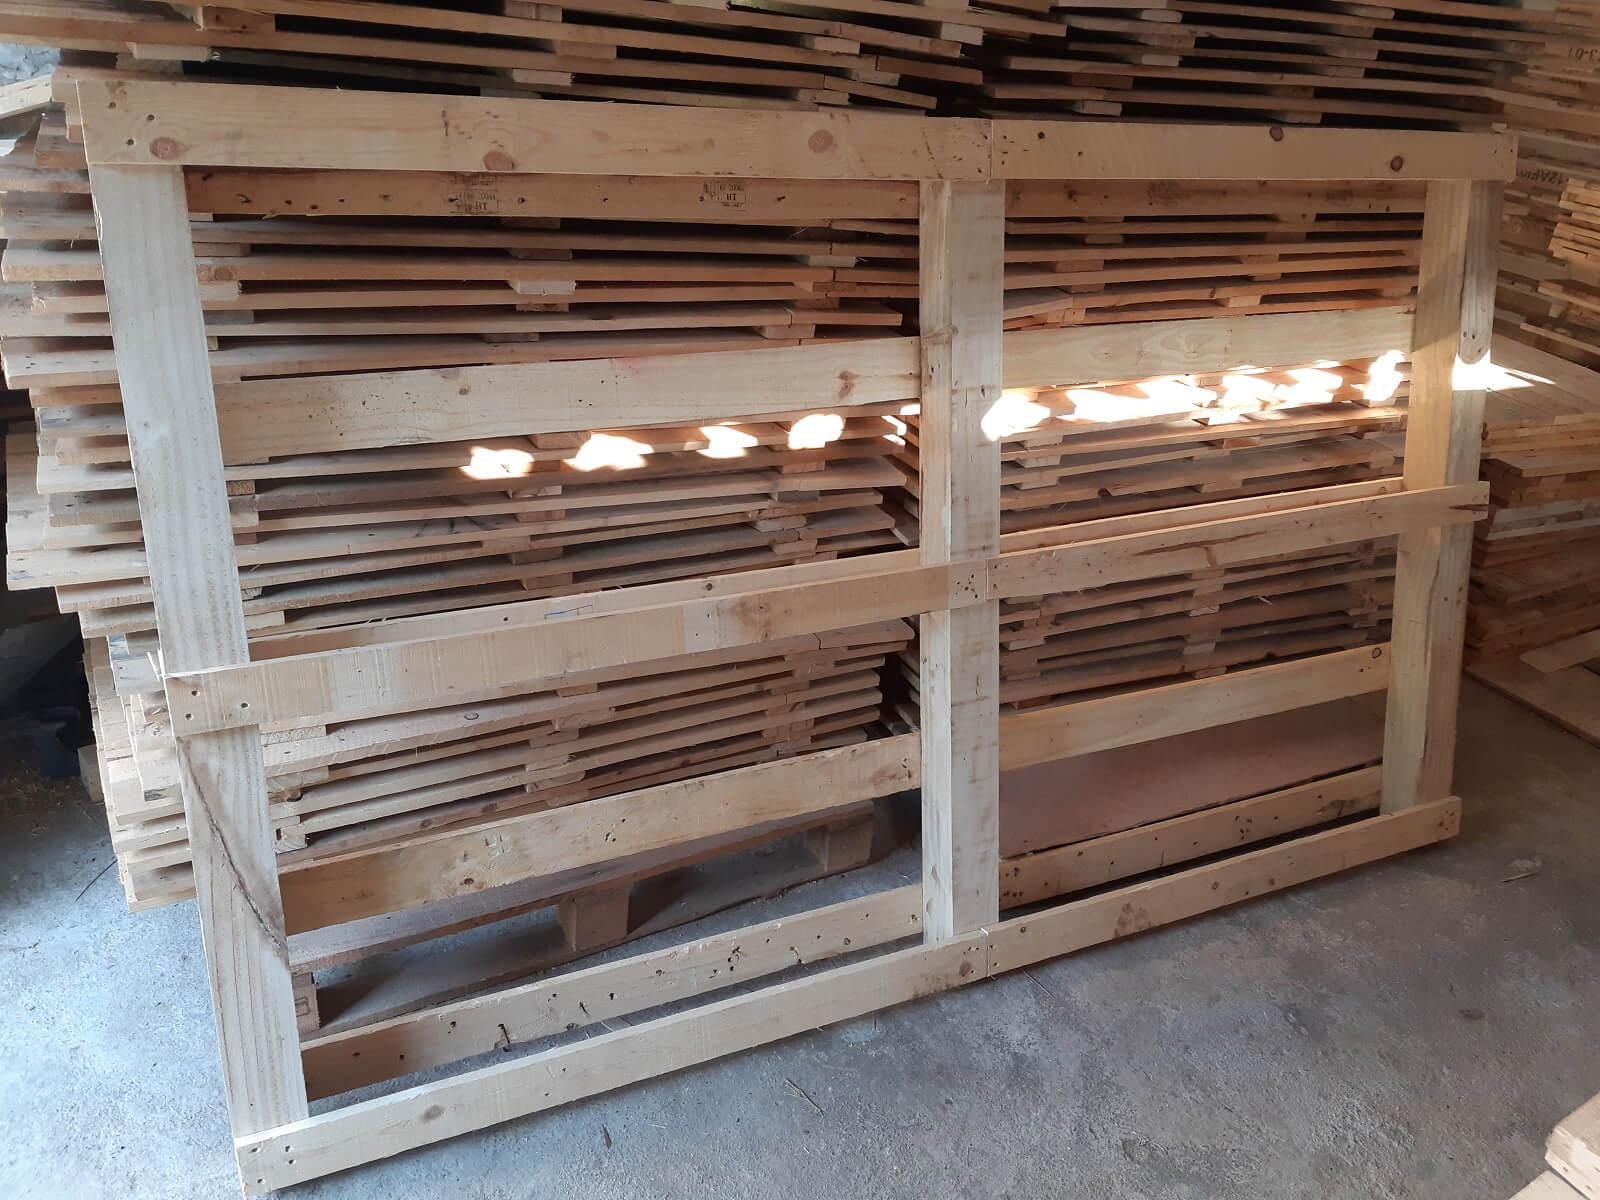 Các thanh gỗ thường là những vật tái sử dụng nên độ an toàn sẽ không cao